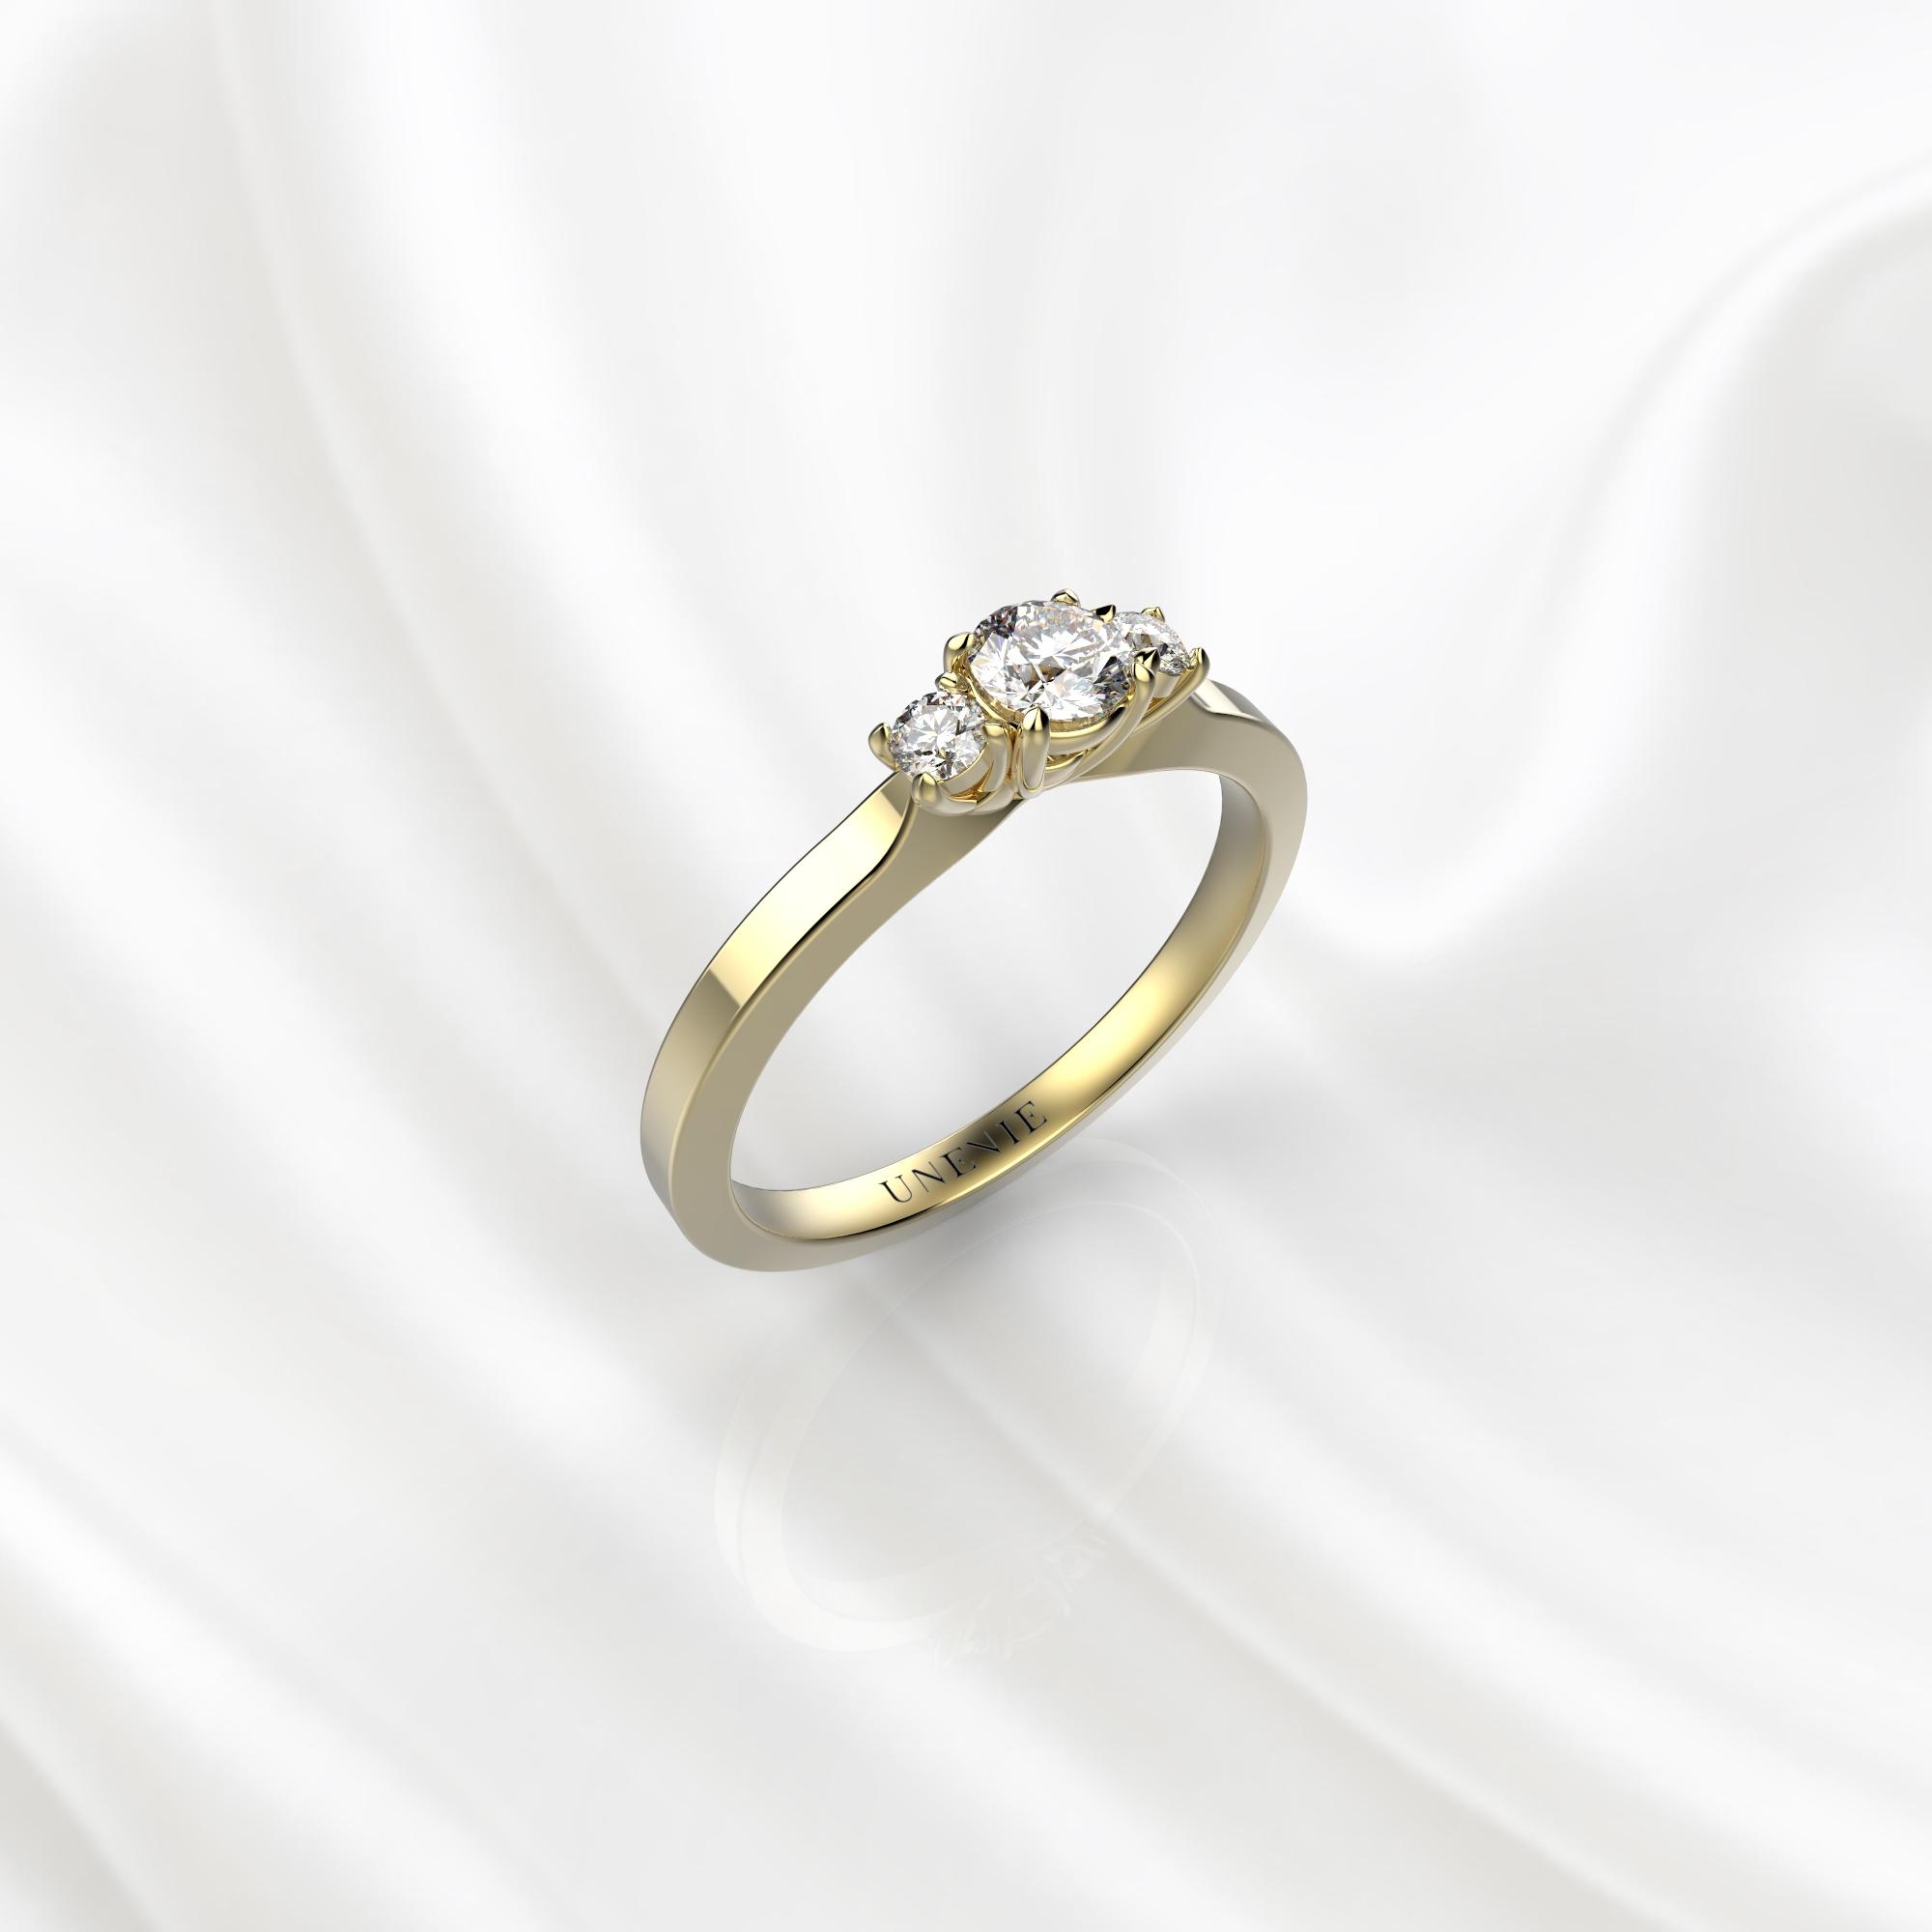 N23 Помолвочное кольцо из желтого золота с бриллиантами